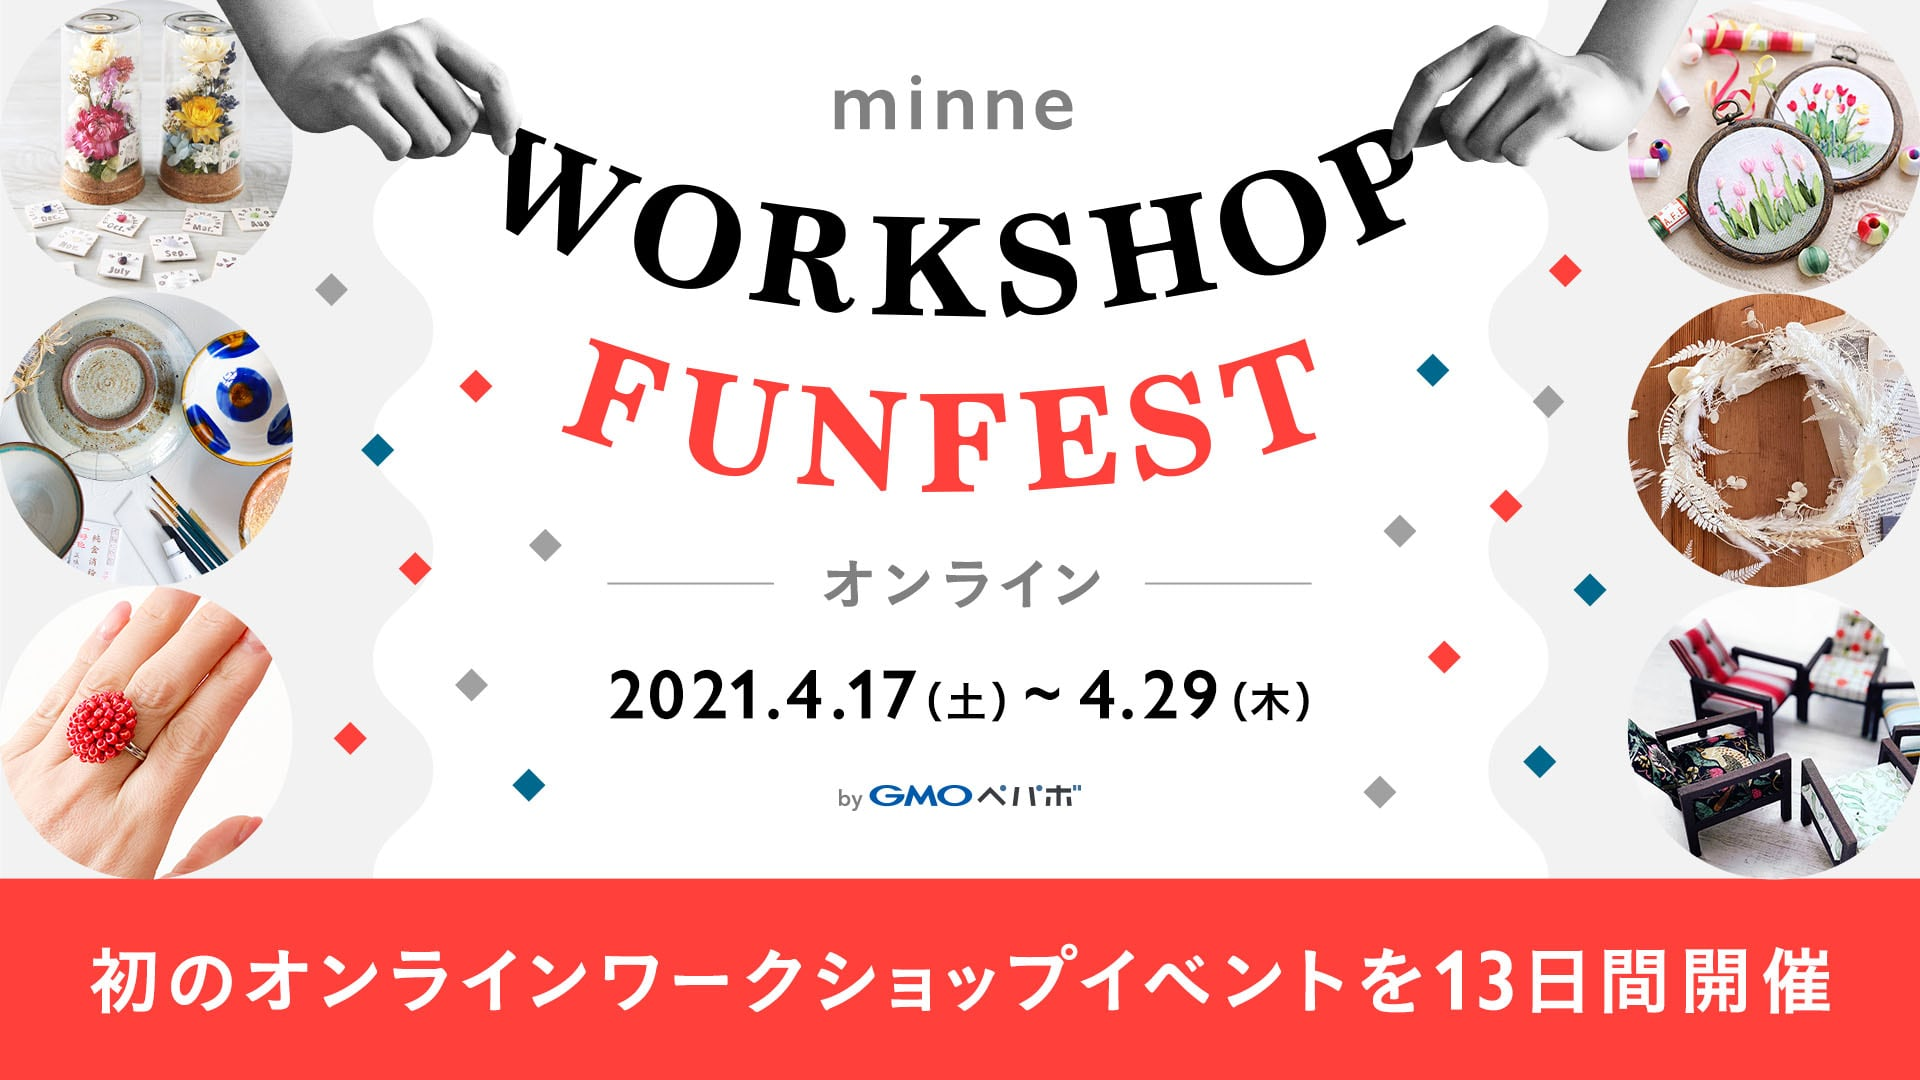 初のオンラインワークショップイベント『minne WORKSHOP FUNFEST オンライン』を2021年4月17日(土)~29日(木・祝)の13日間開催